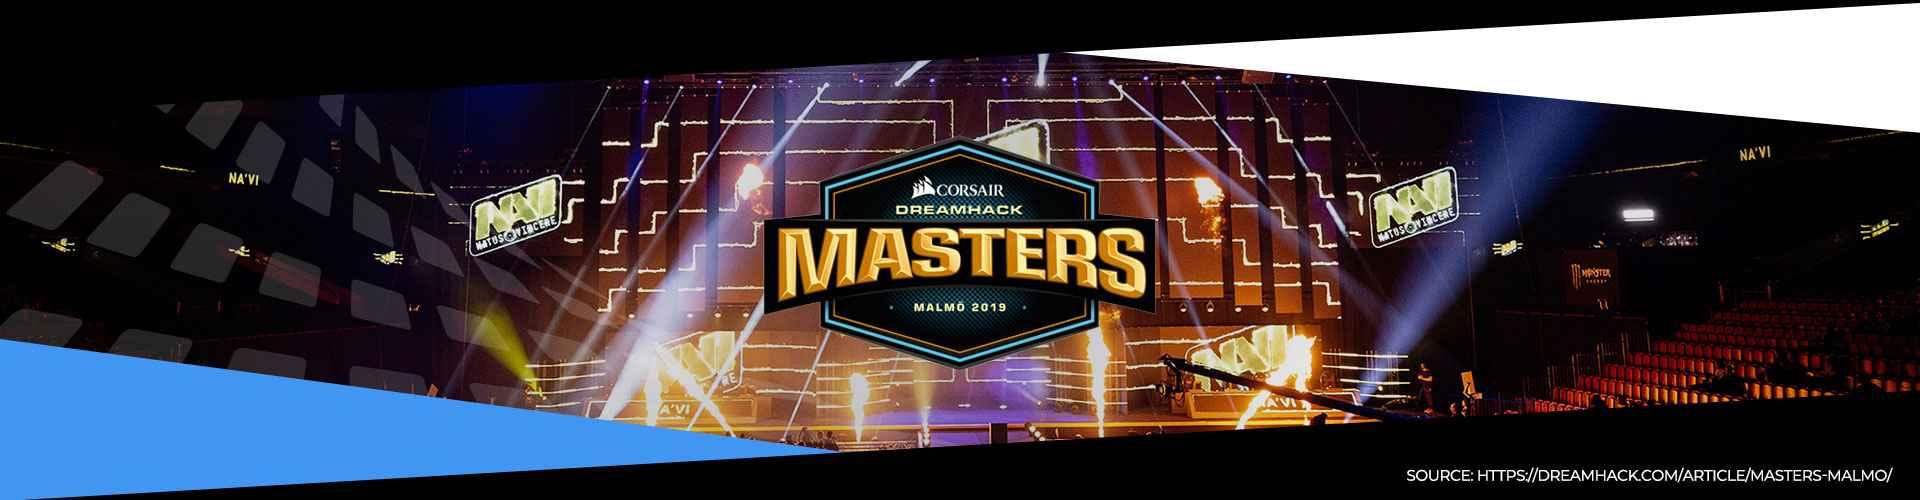 Dreamhack Masters Malmö 3. päivän yhteenveto